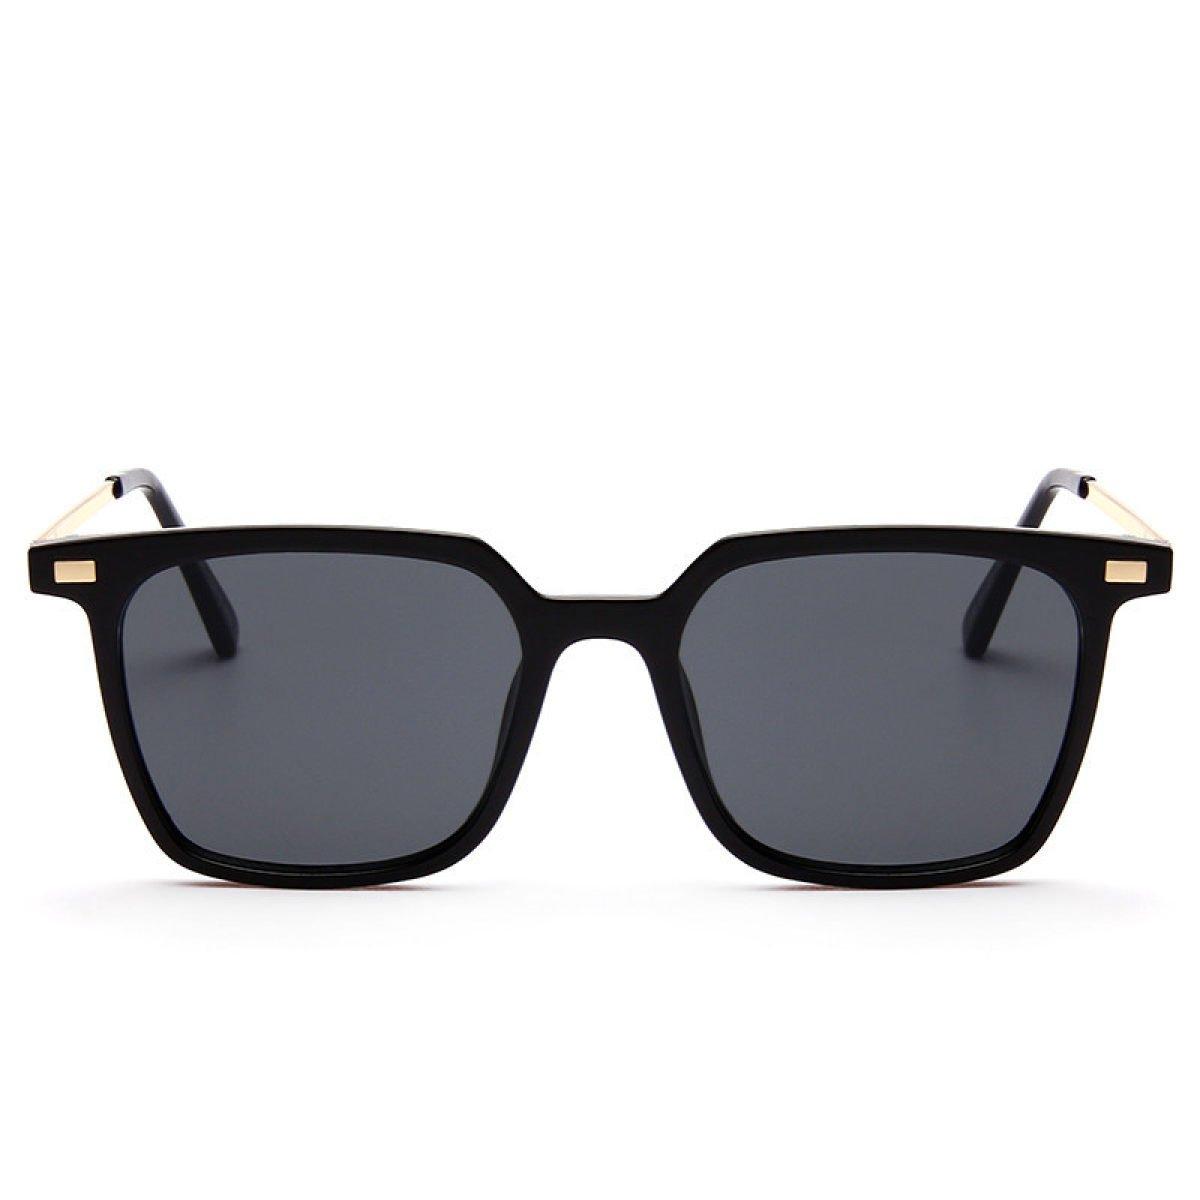 Wkaijc Farbfilm Box Männer Und Frauen Mode Wild Persönlichkeit Komfort Sonnenbrillen Sonnenbrillen,Brown